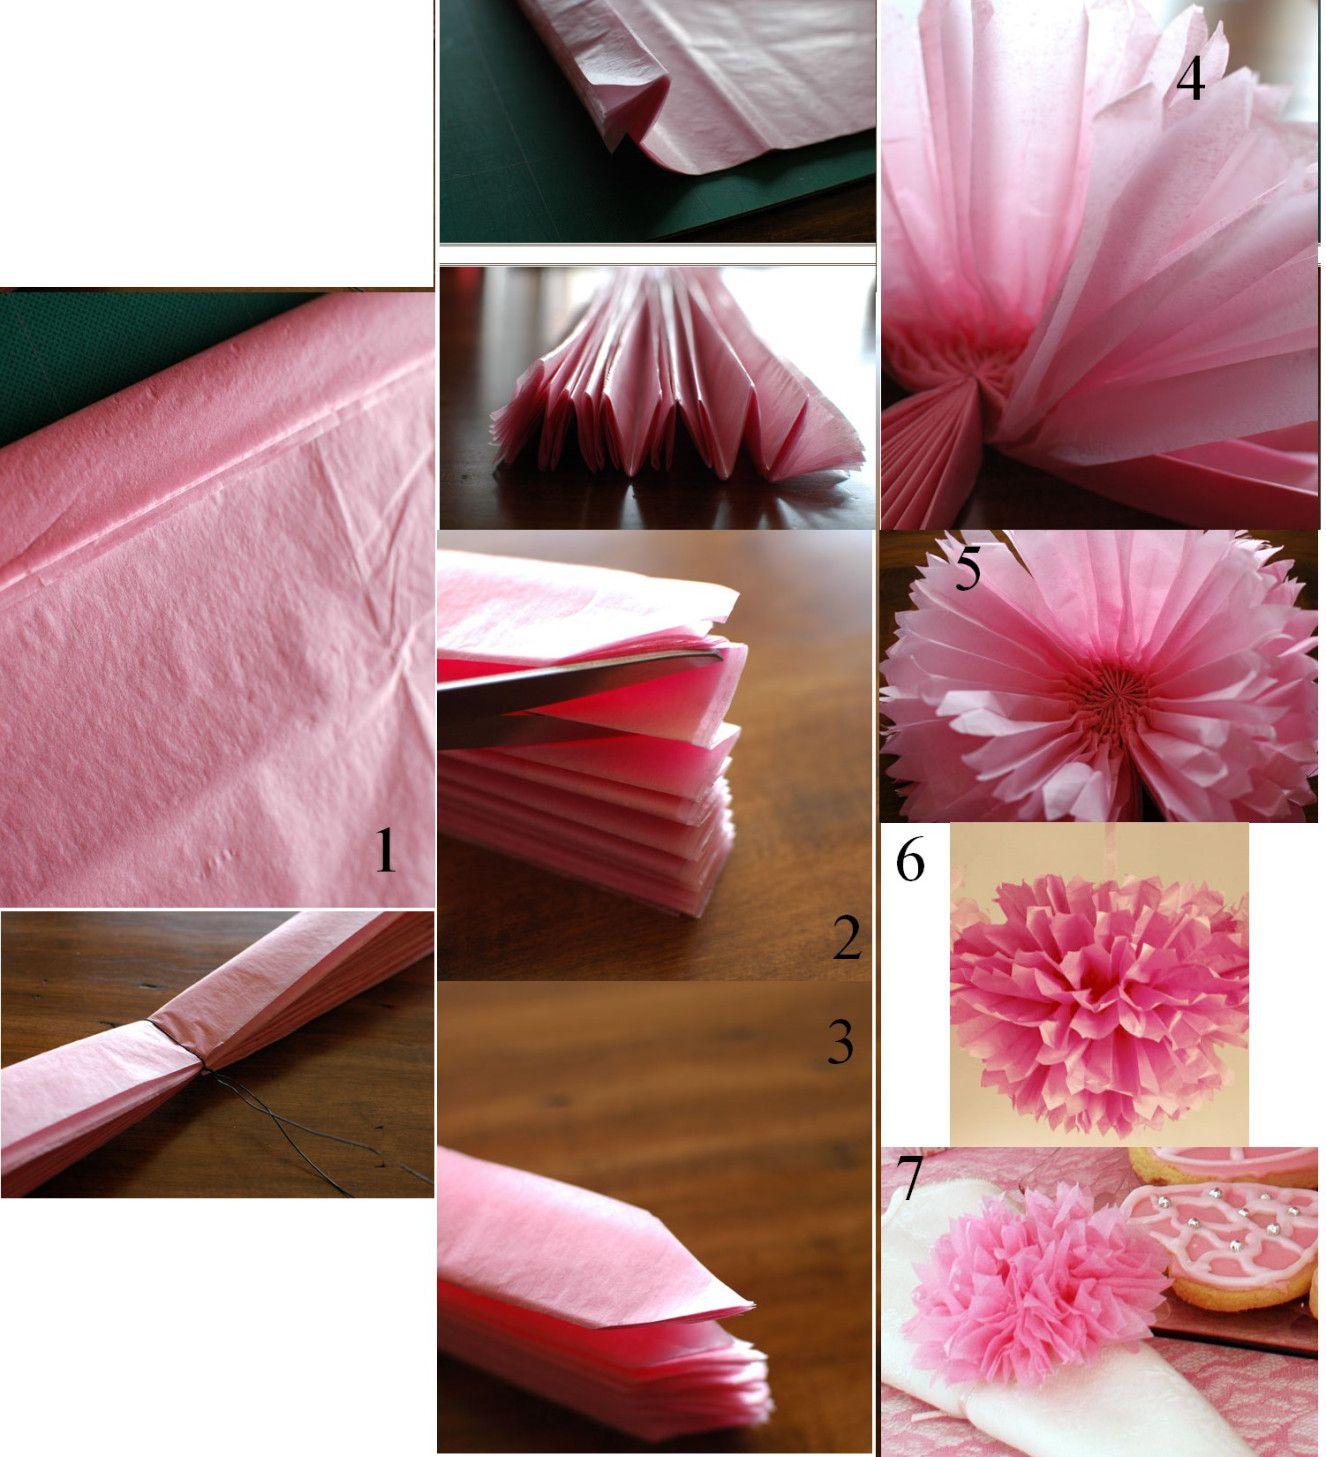 Fleur En Papier Crepon Facile A Faire tout pompon a faire soi meme {diy} | pompons, guirlande pompon et les tuto